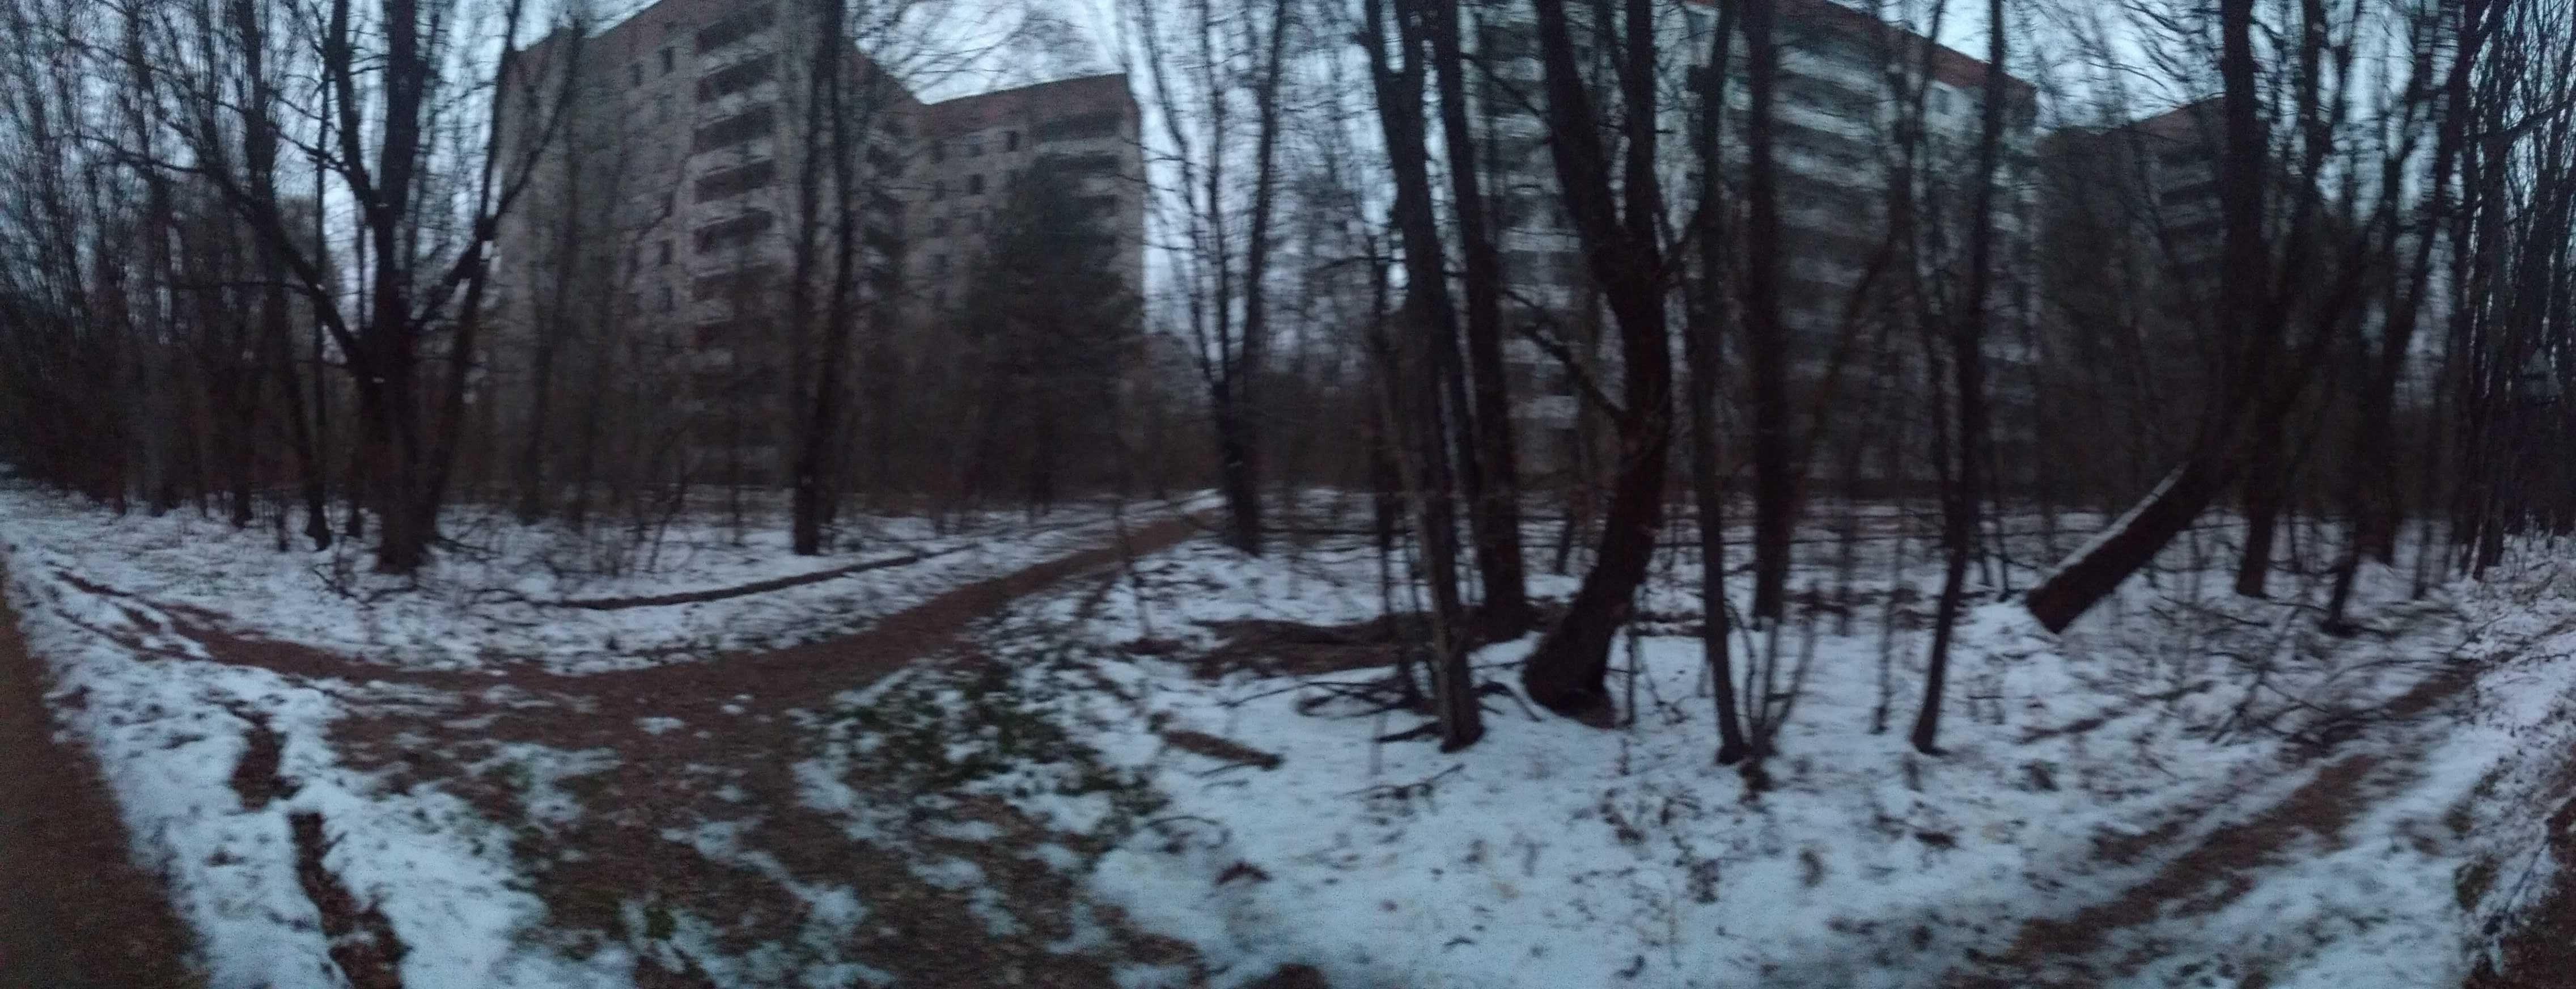 Экскурсия в Чернобыль и Припять - 30.03.2019